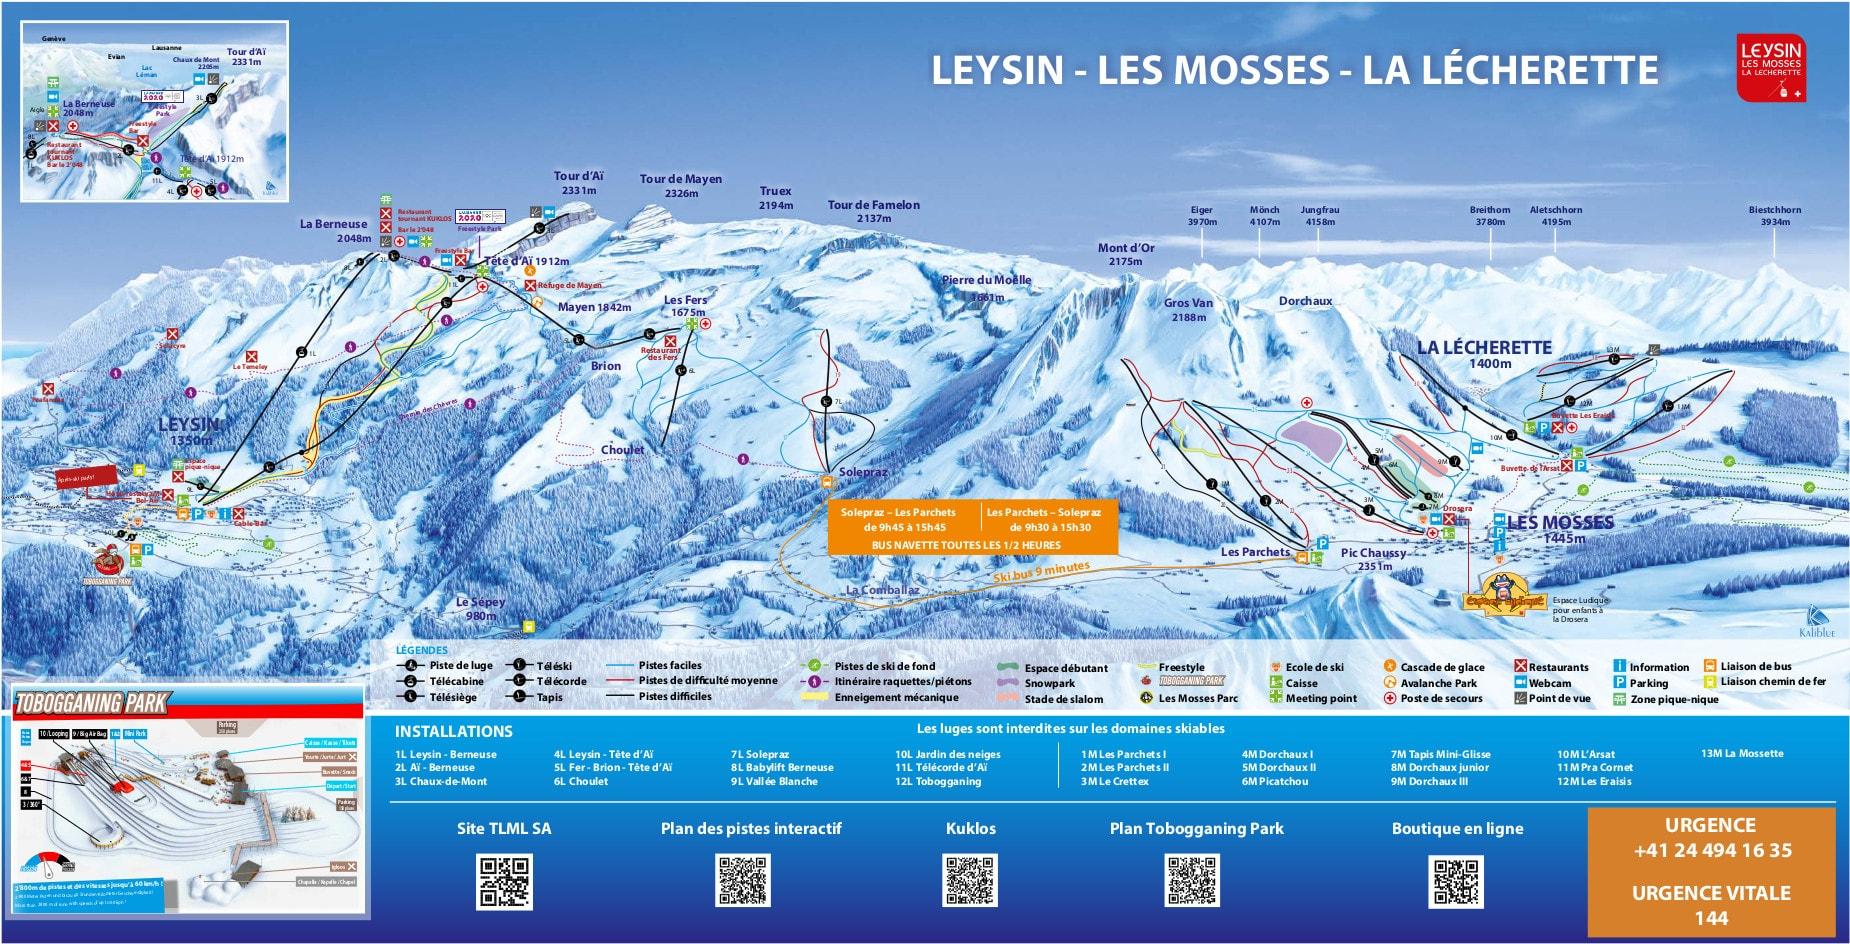 Leysin Ski Map Free Download tout Chaux Jardin